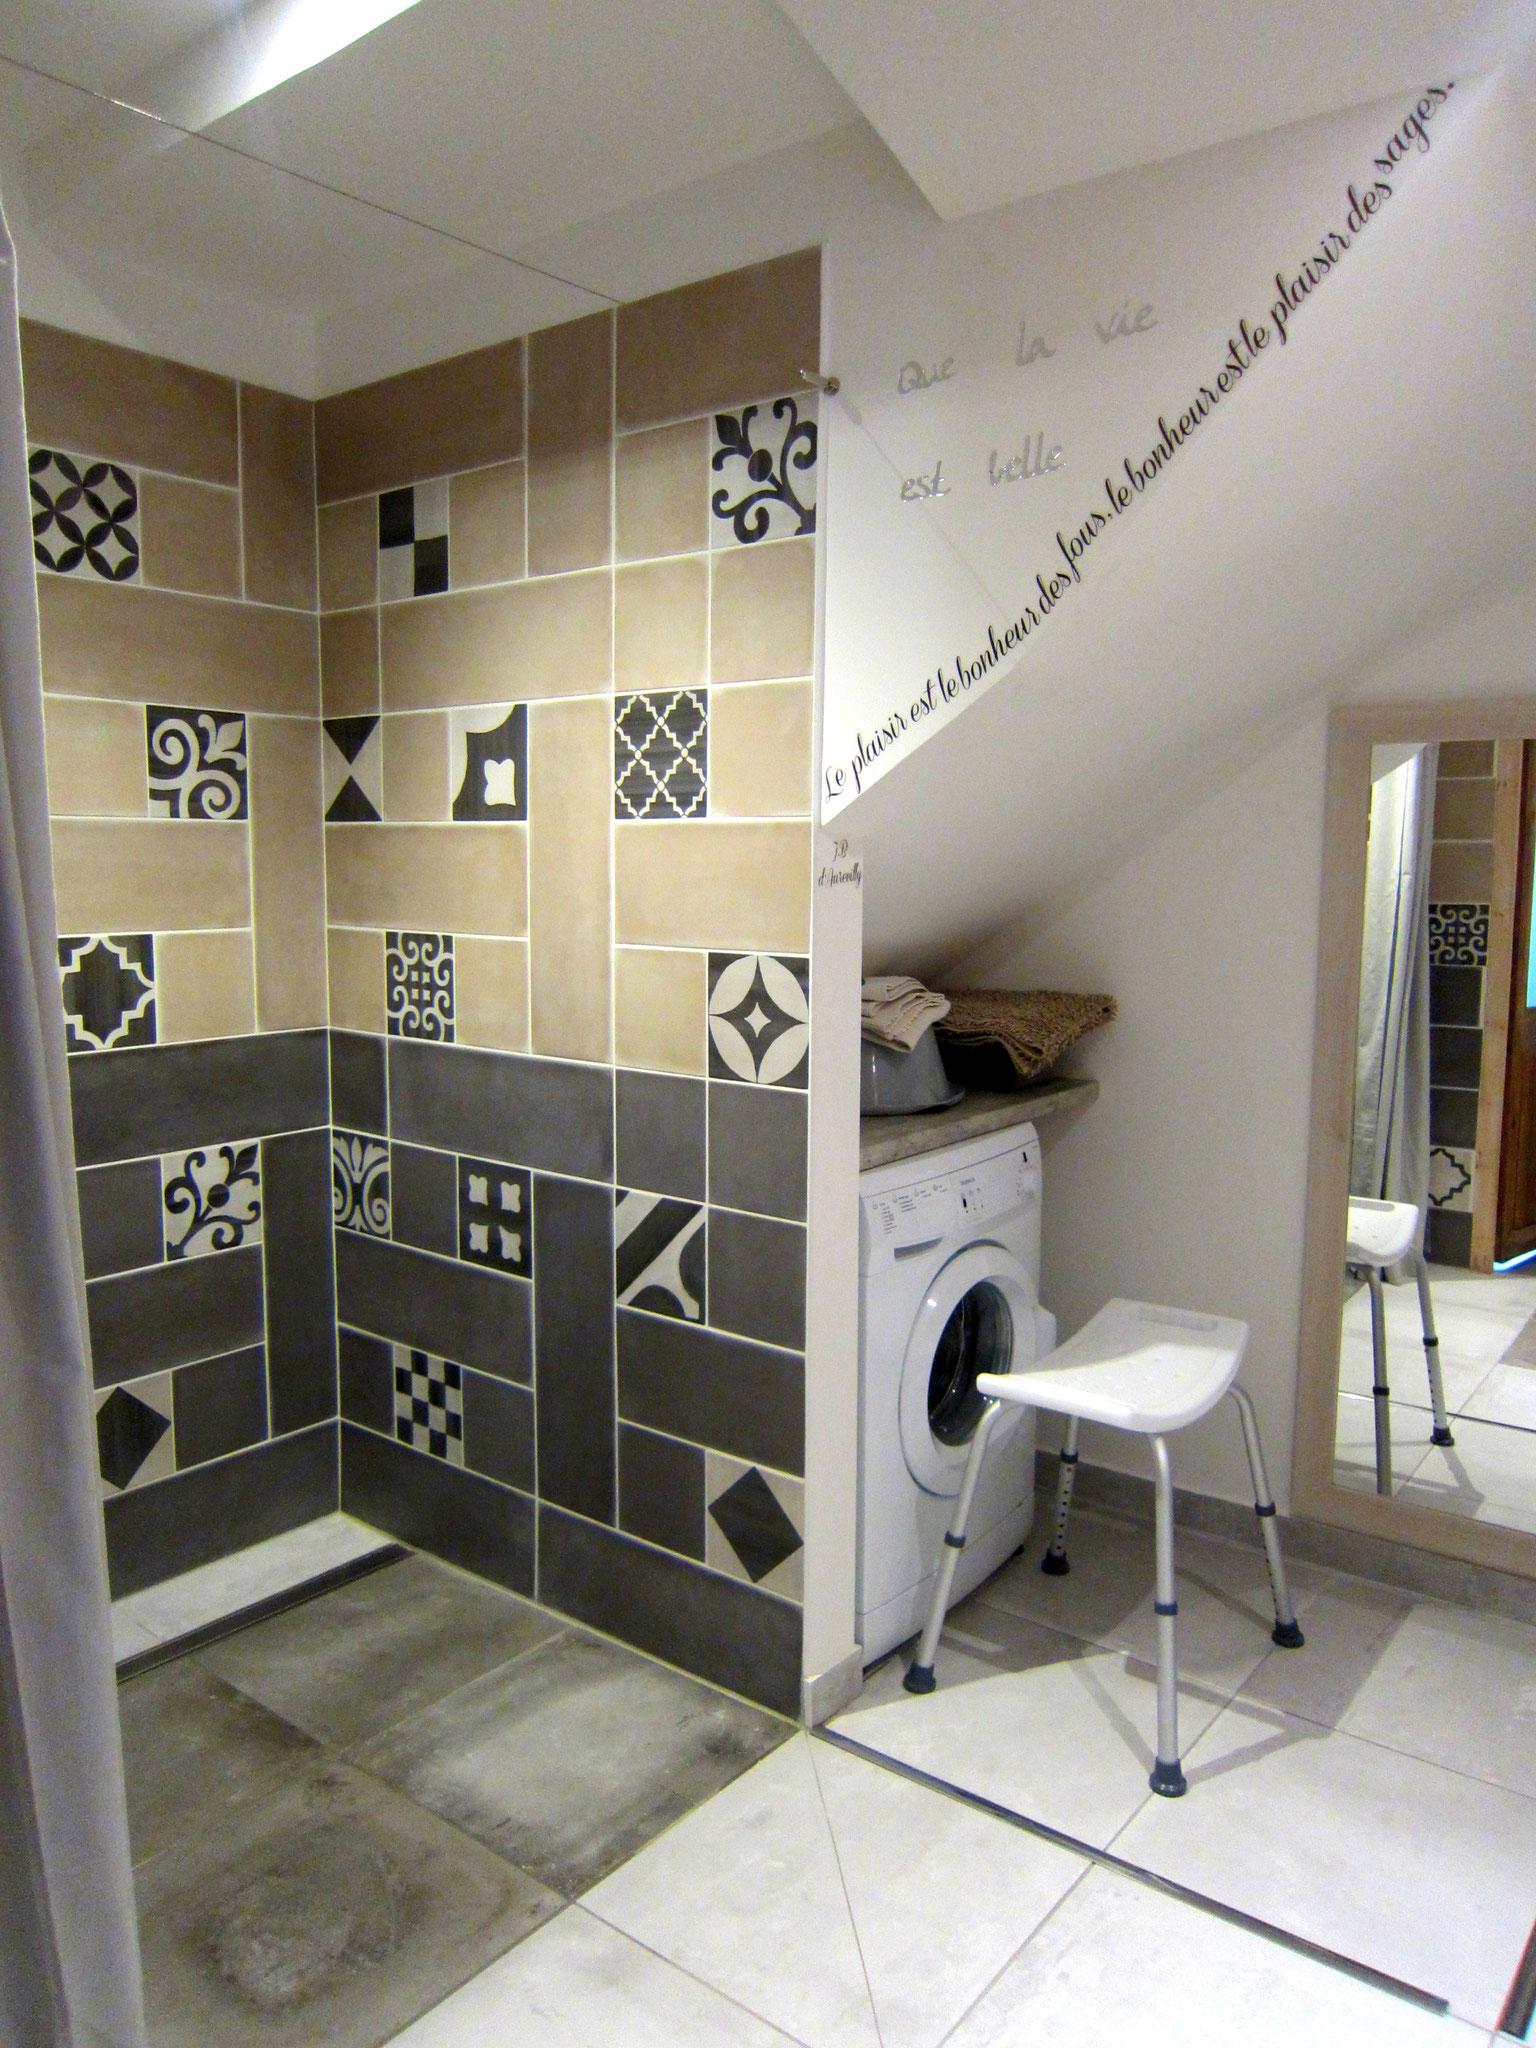 Salle d'eau et wc accessibles Rez de chaussée - accessible avec lave linge -  Gîte La Grange  - Gites du Maréchat à Cabariot